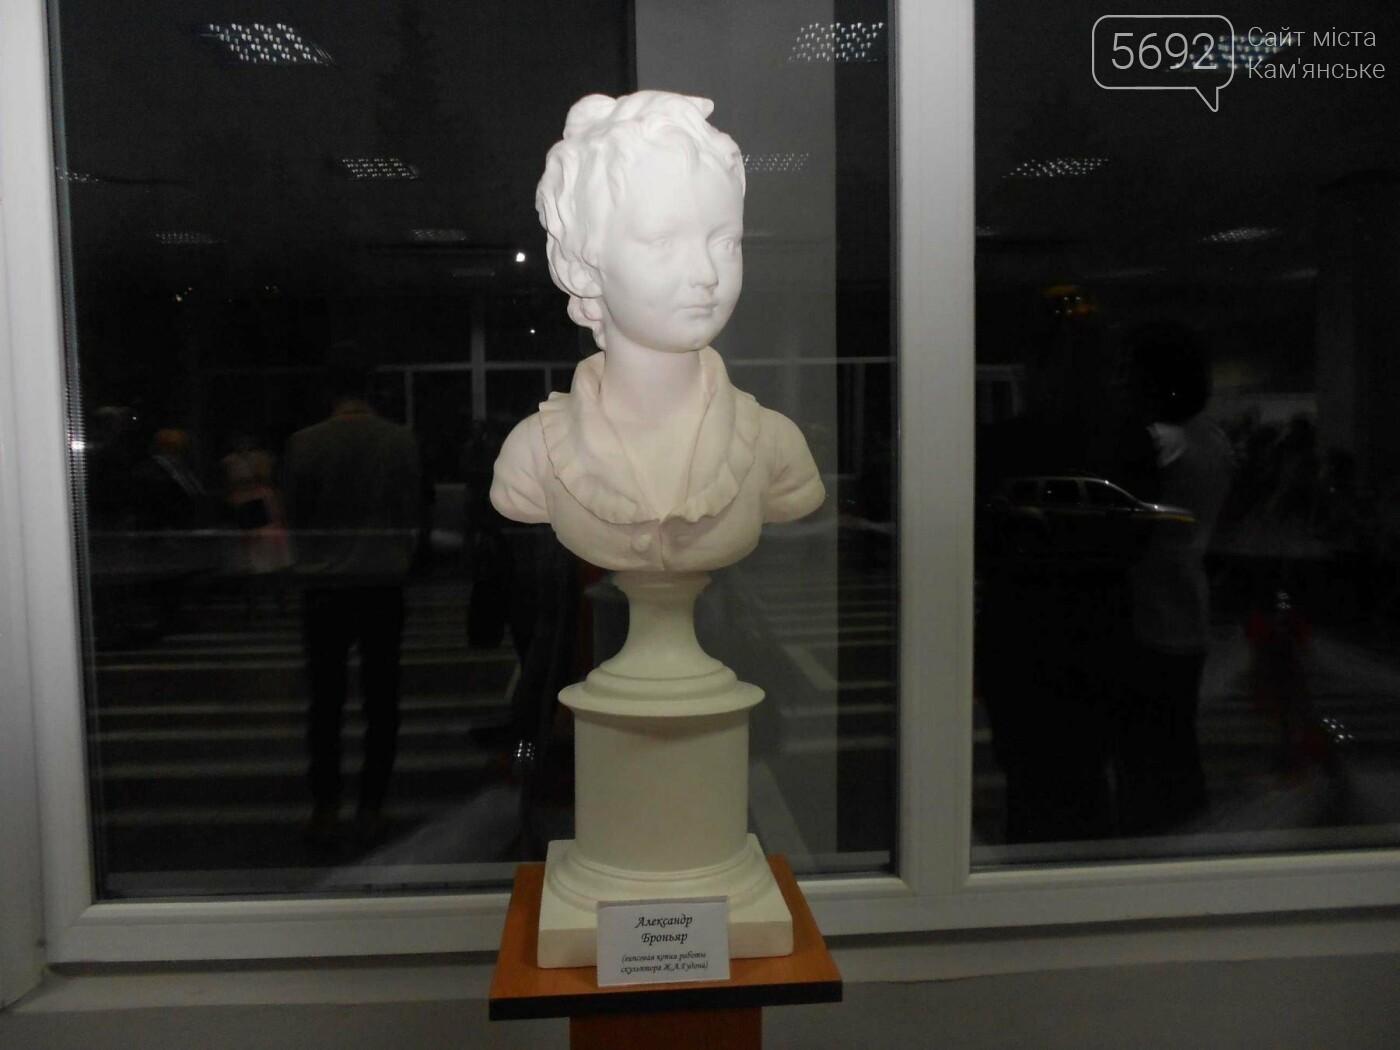 От пластилина до искусства: в Каменском открылась выставка скульптора Сергея Болдова, фото-4